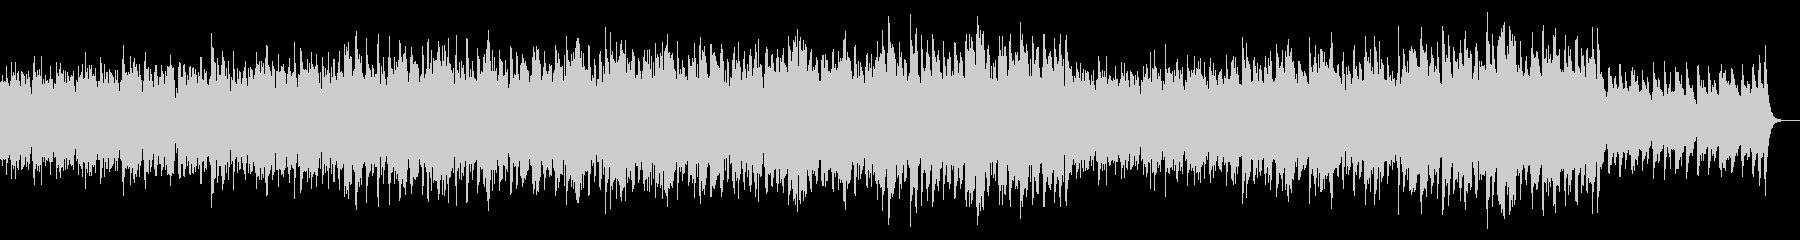 ケルト風ポップオーケストラ:ピアノ&弦の未再生の波形